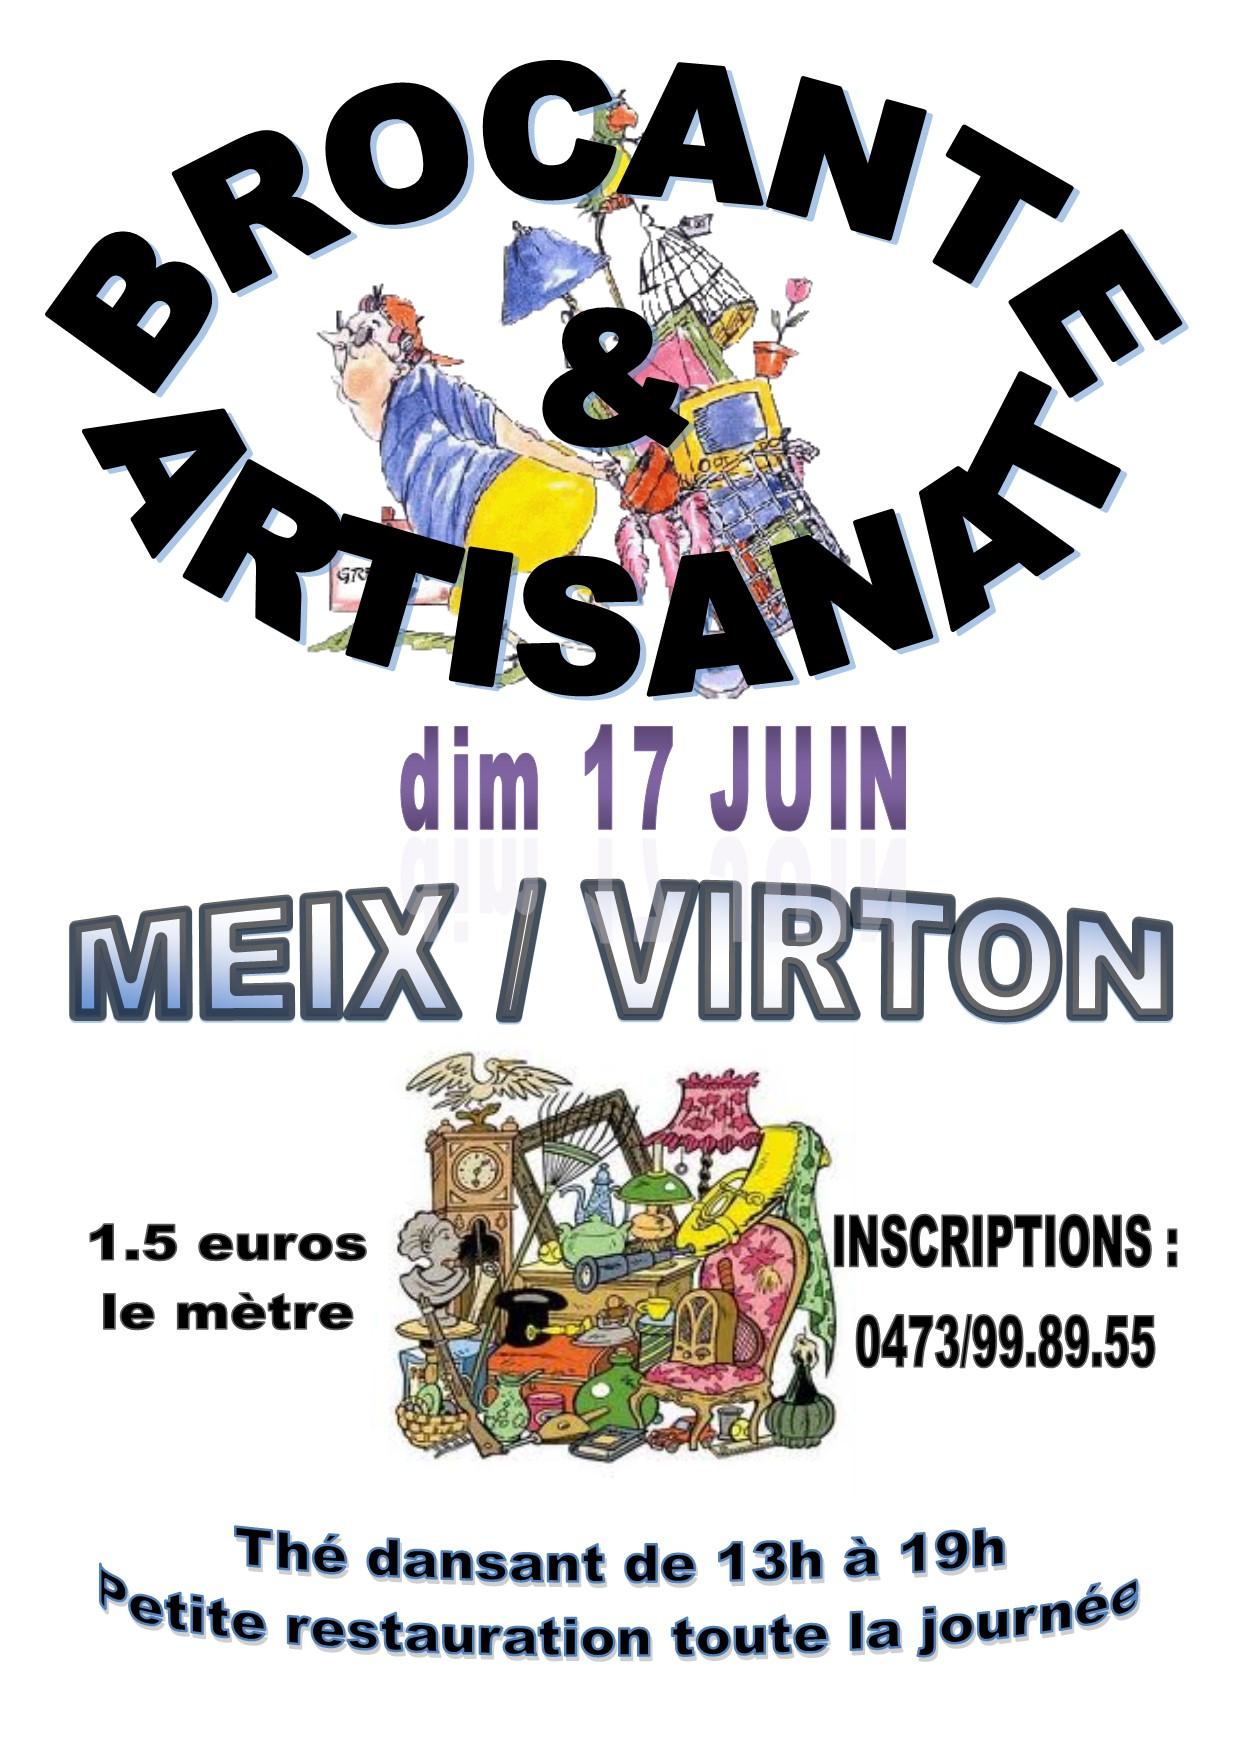 Brocantes  Meix devant Virton